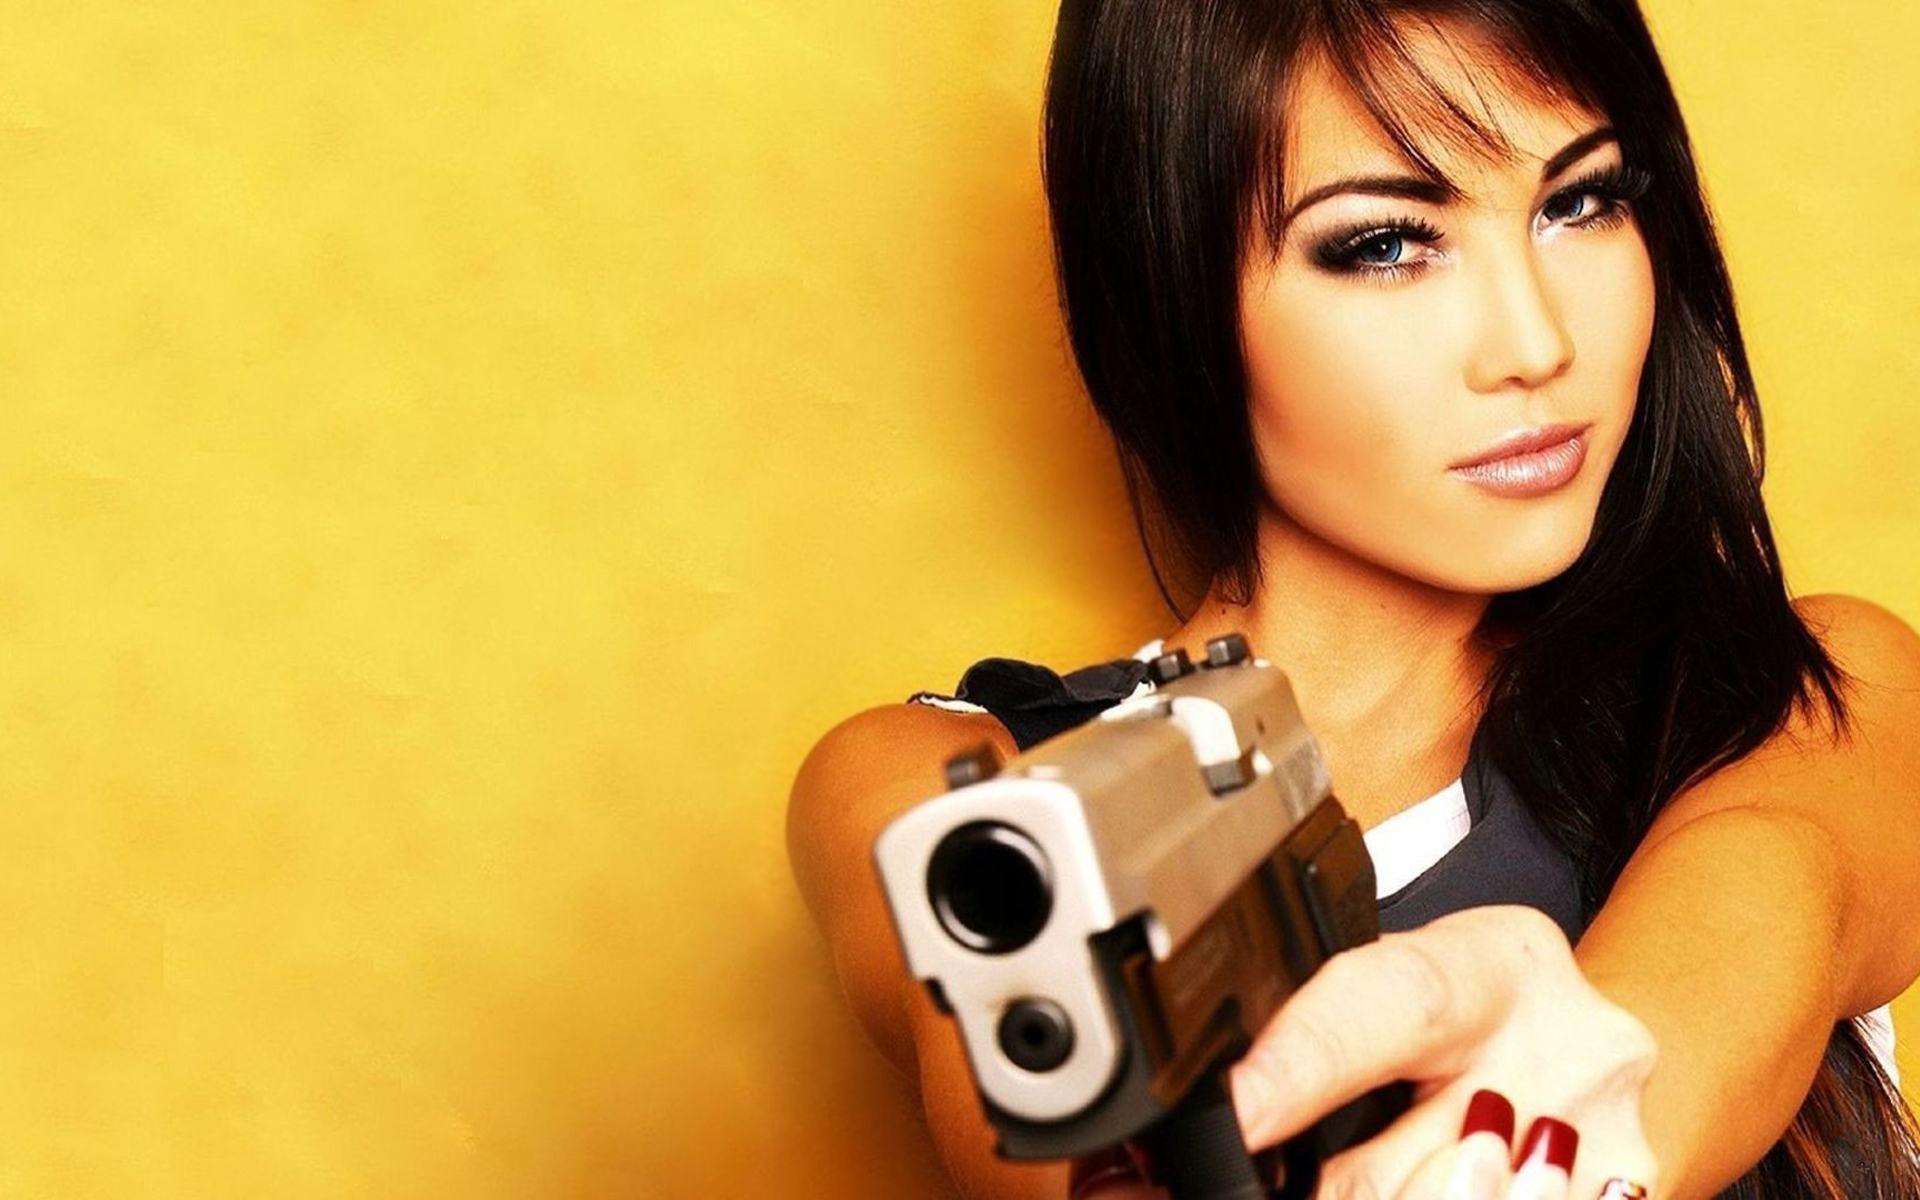 Телки с оружием 15 фотография